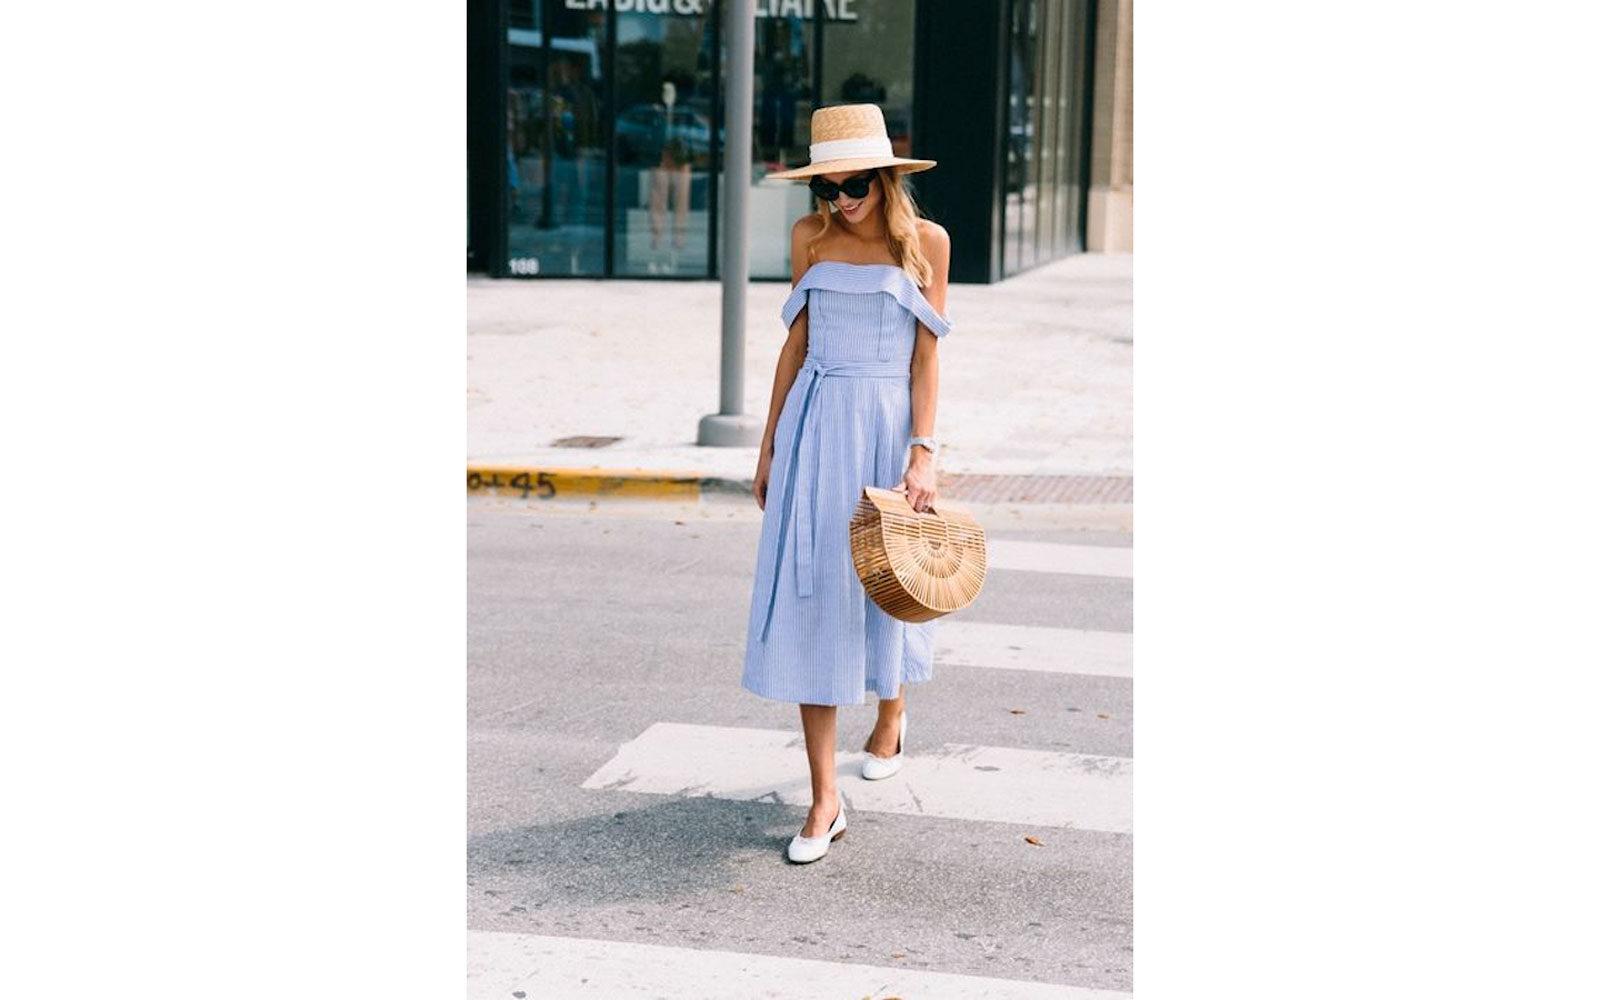 Abitino midi in cotone popeline azzurro off shoulders, ballerine, borsa e cappello in paglia